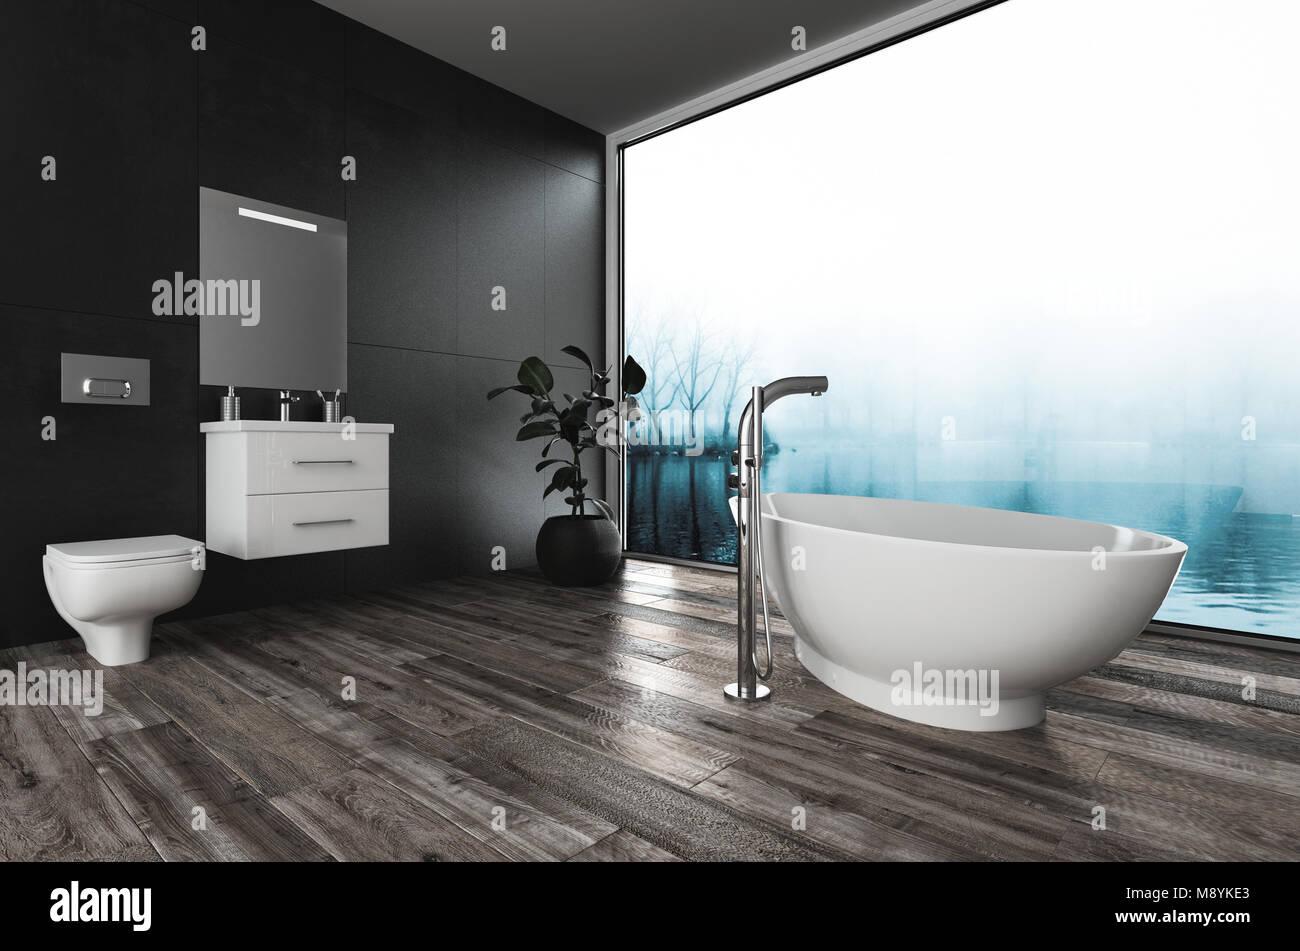 Grande e moderno bagno con bidet vanità e barca vasca sagomata su